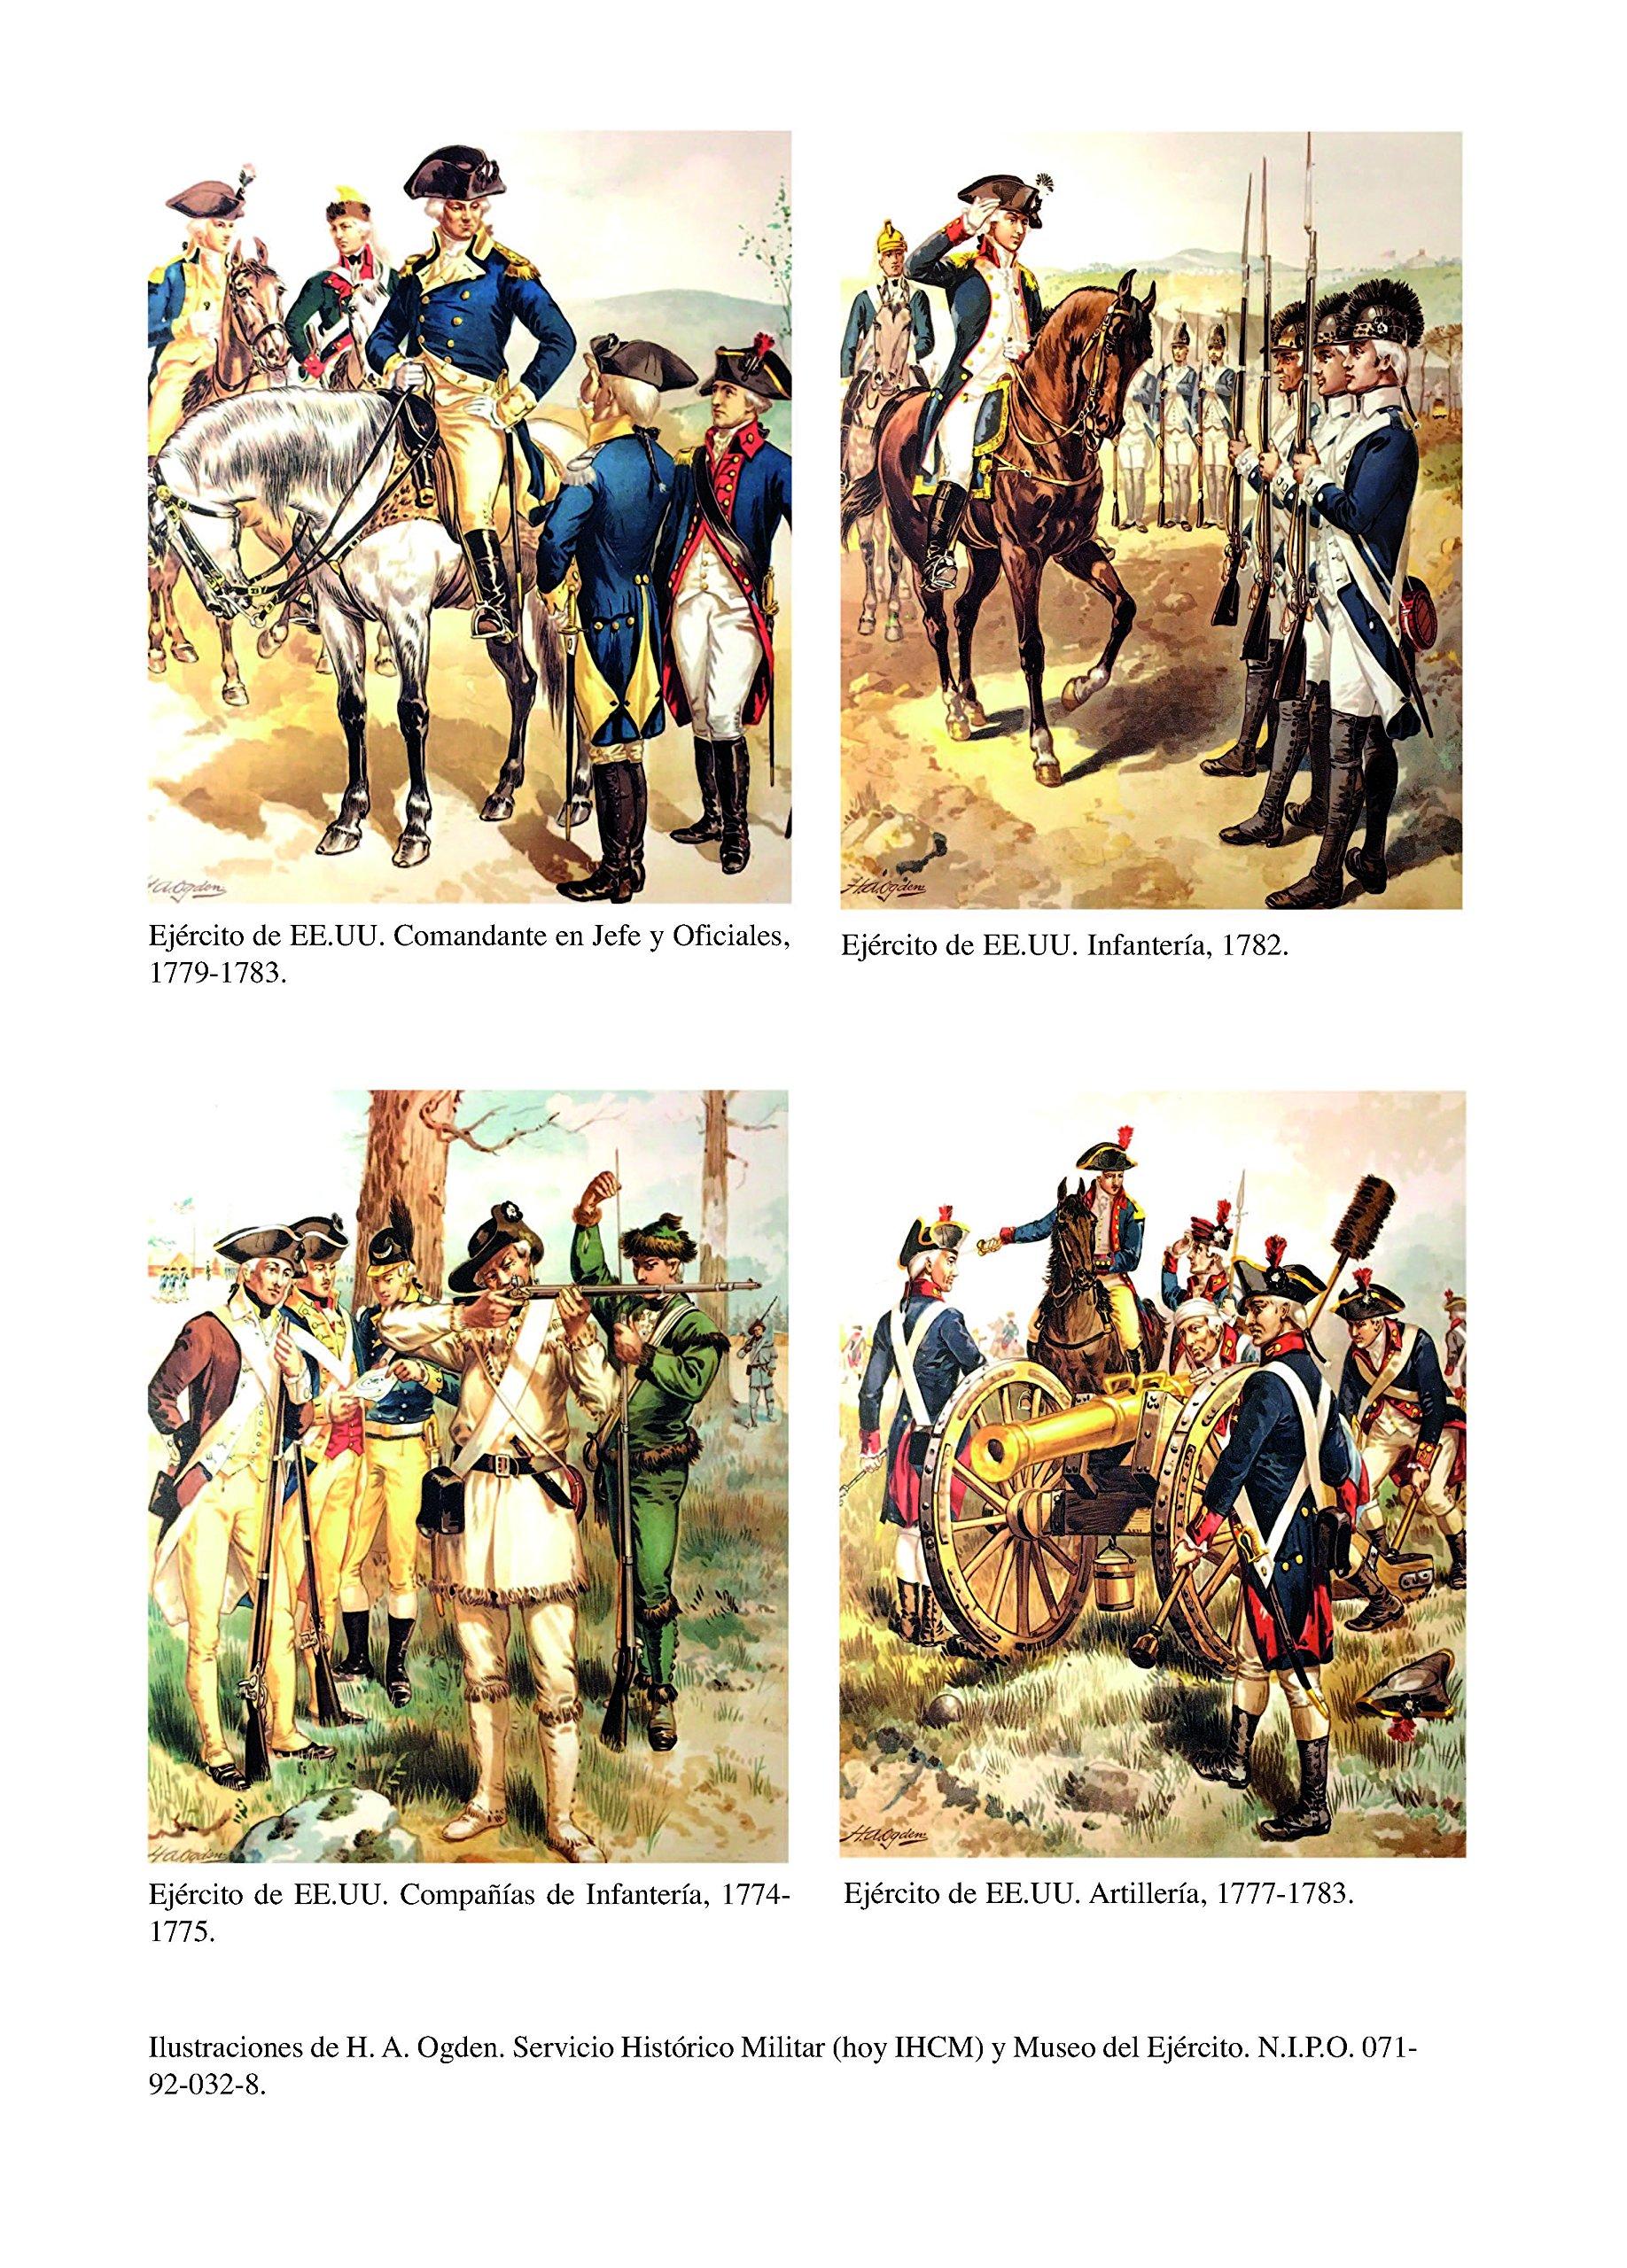 Gálvez y España en la Guerra de Independencia de los estados Unidos: Amazon.es: Guillermo Calleja Leal, Gregorio Calleja Leal, Albatros Ediciones: Libros